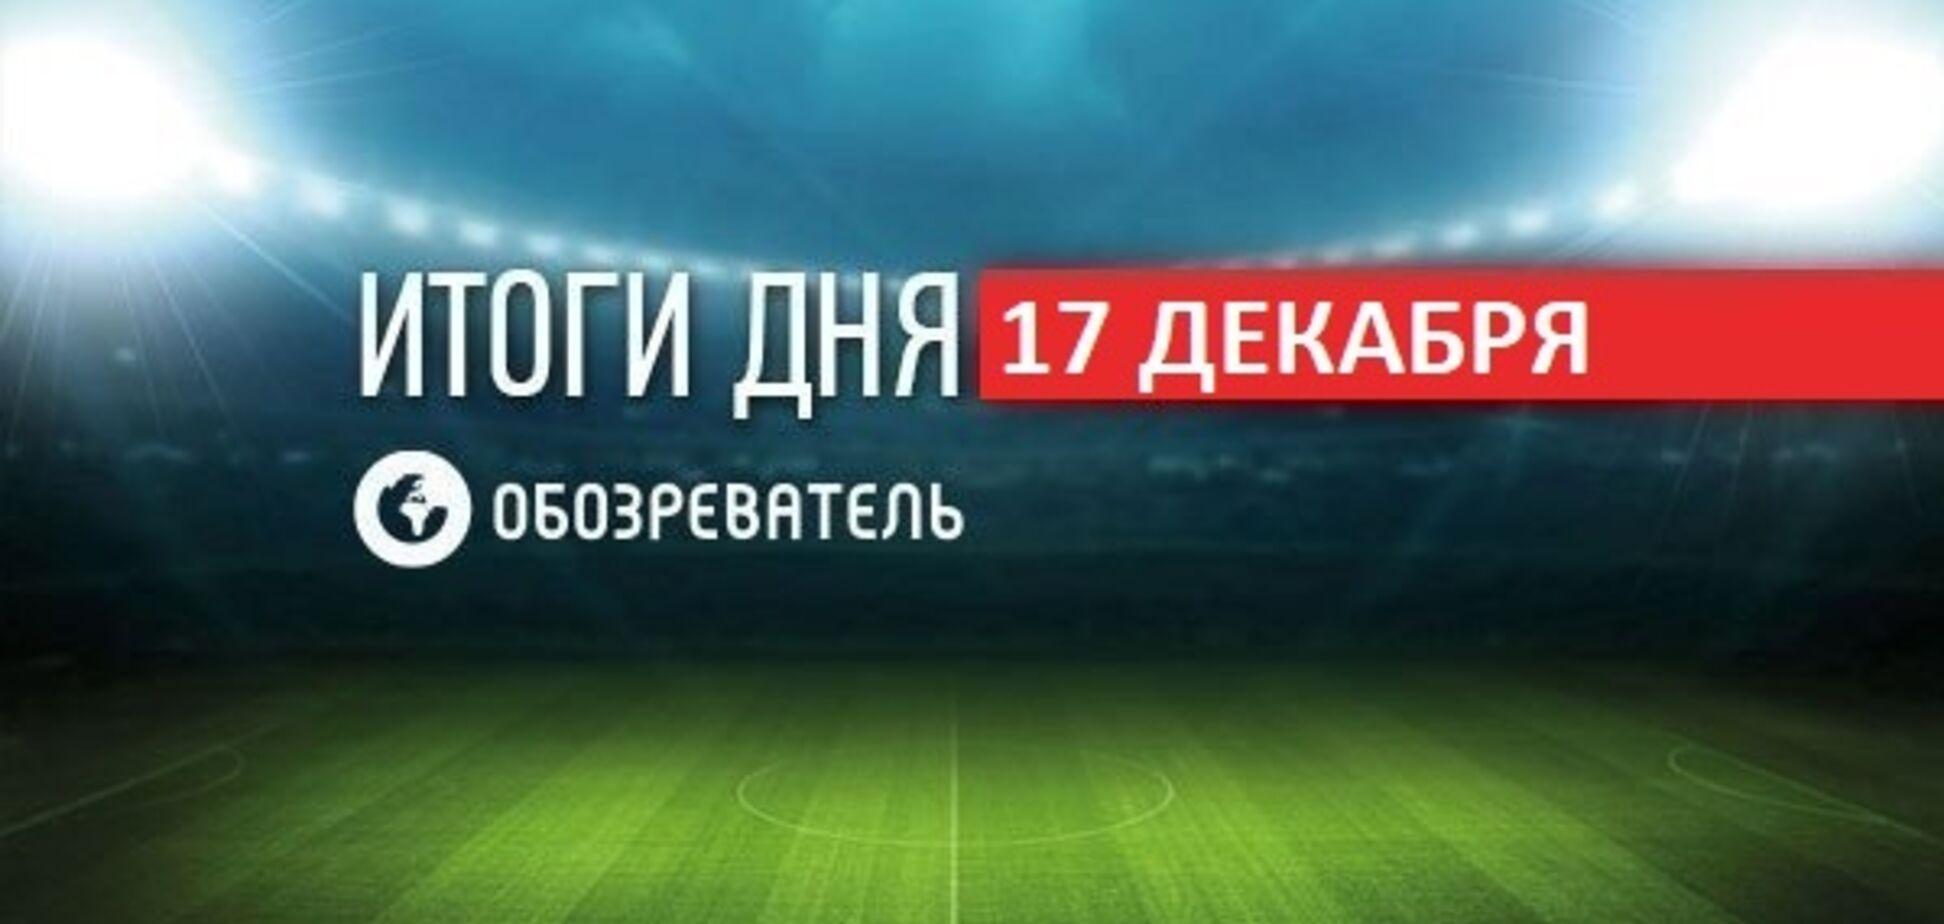 Шовковський висловився про Зеленського: спортивні підсумки 17 грудня